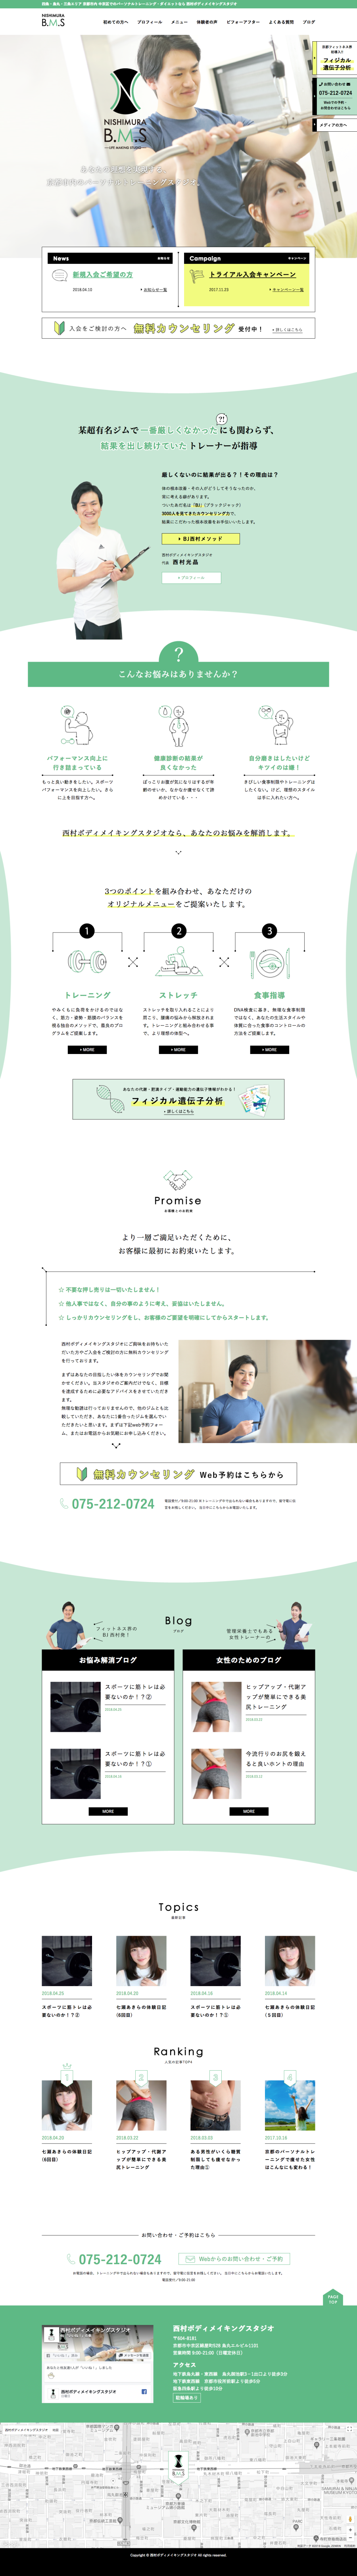 screencapture-nishimura-bms-2018-04-26-19_08_13